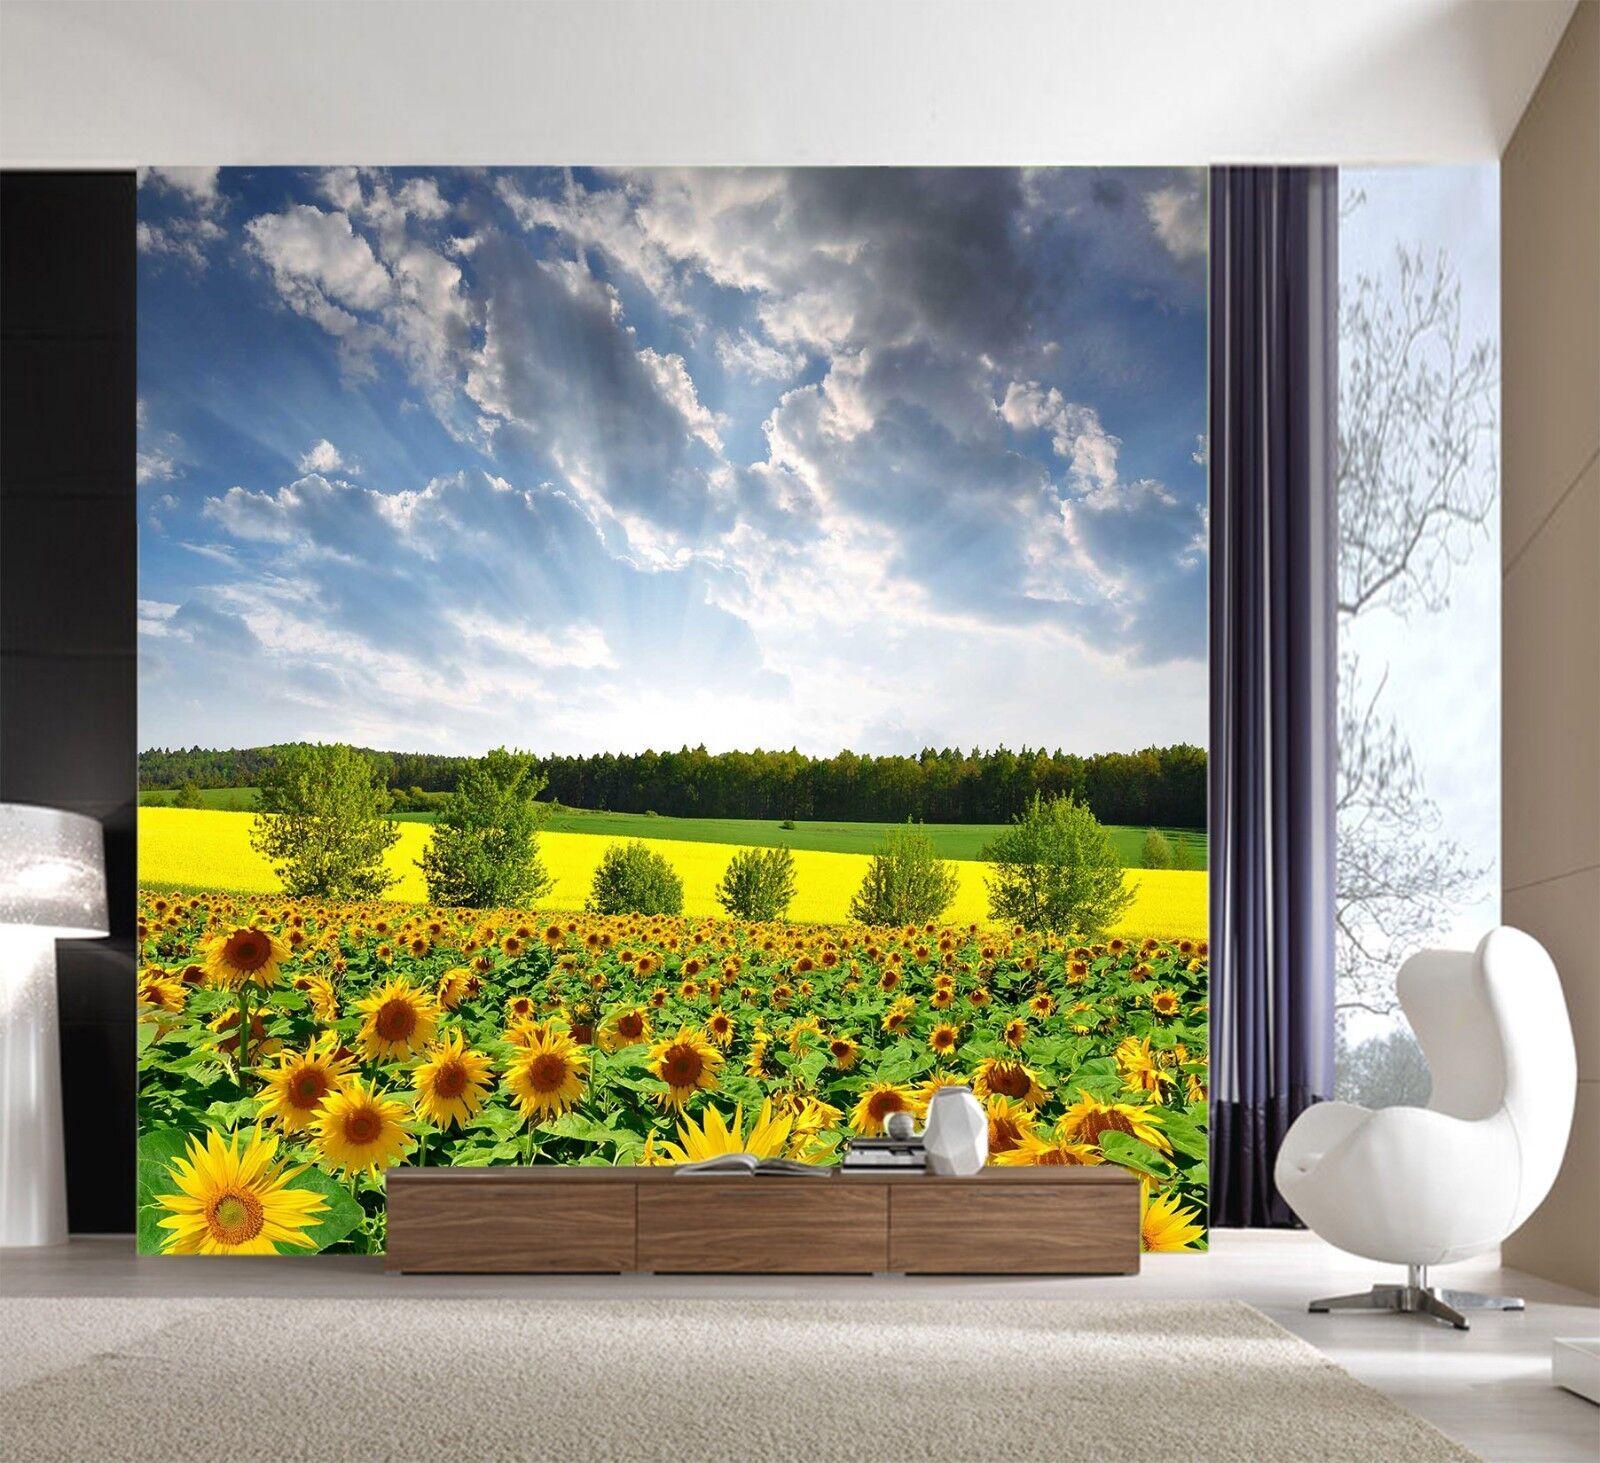 3D Sunflower Golden 7 Wallpaper Mural Wall Print Wall Wallpaper Murals US Lemon